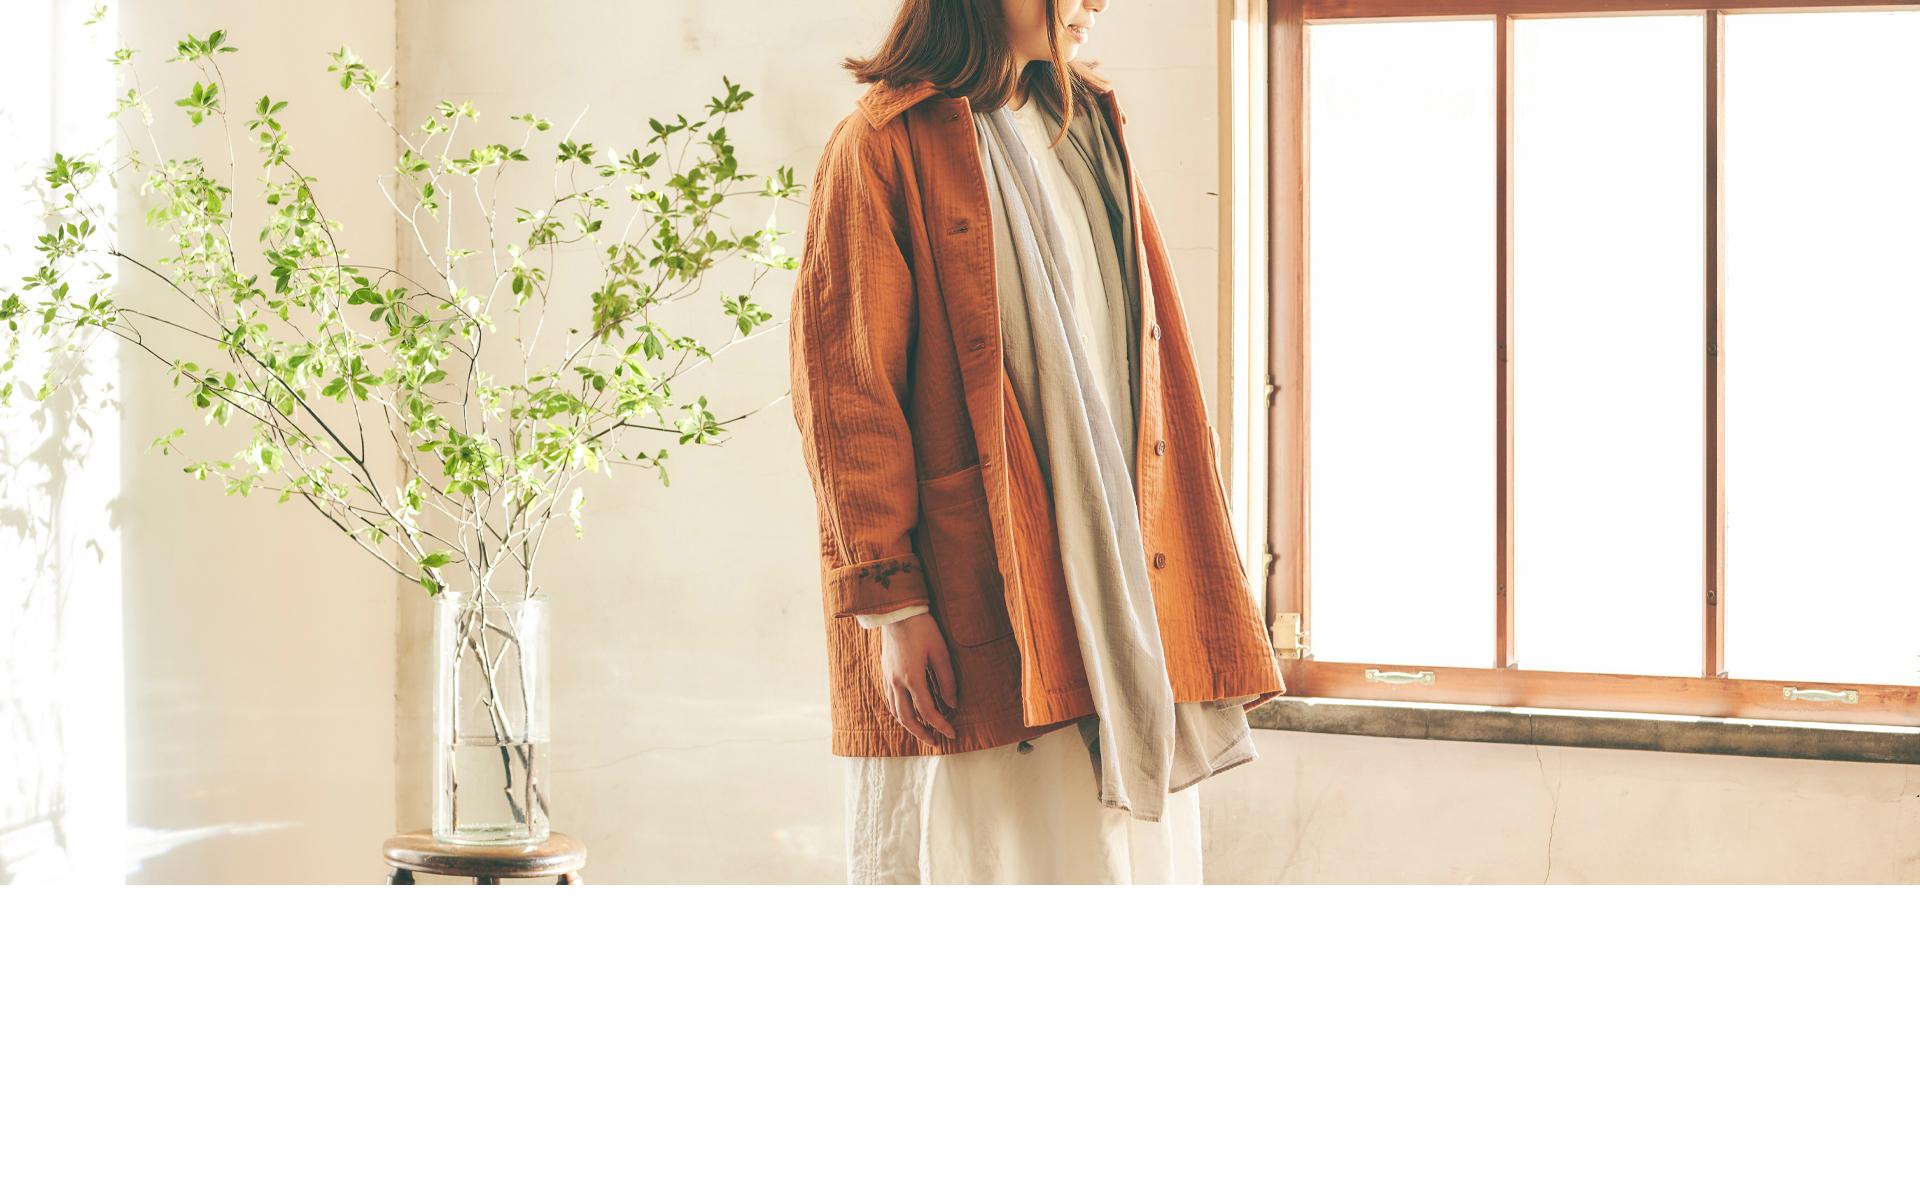 ナチュラル服・肌触りの良い大人のガーゼ服はao daikanyama | アオ